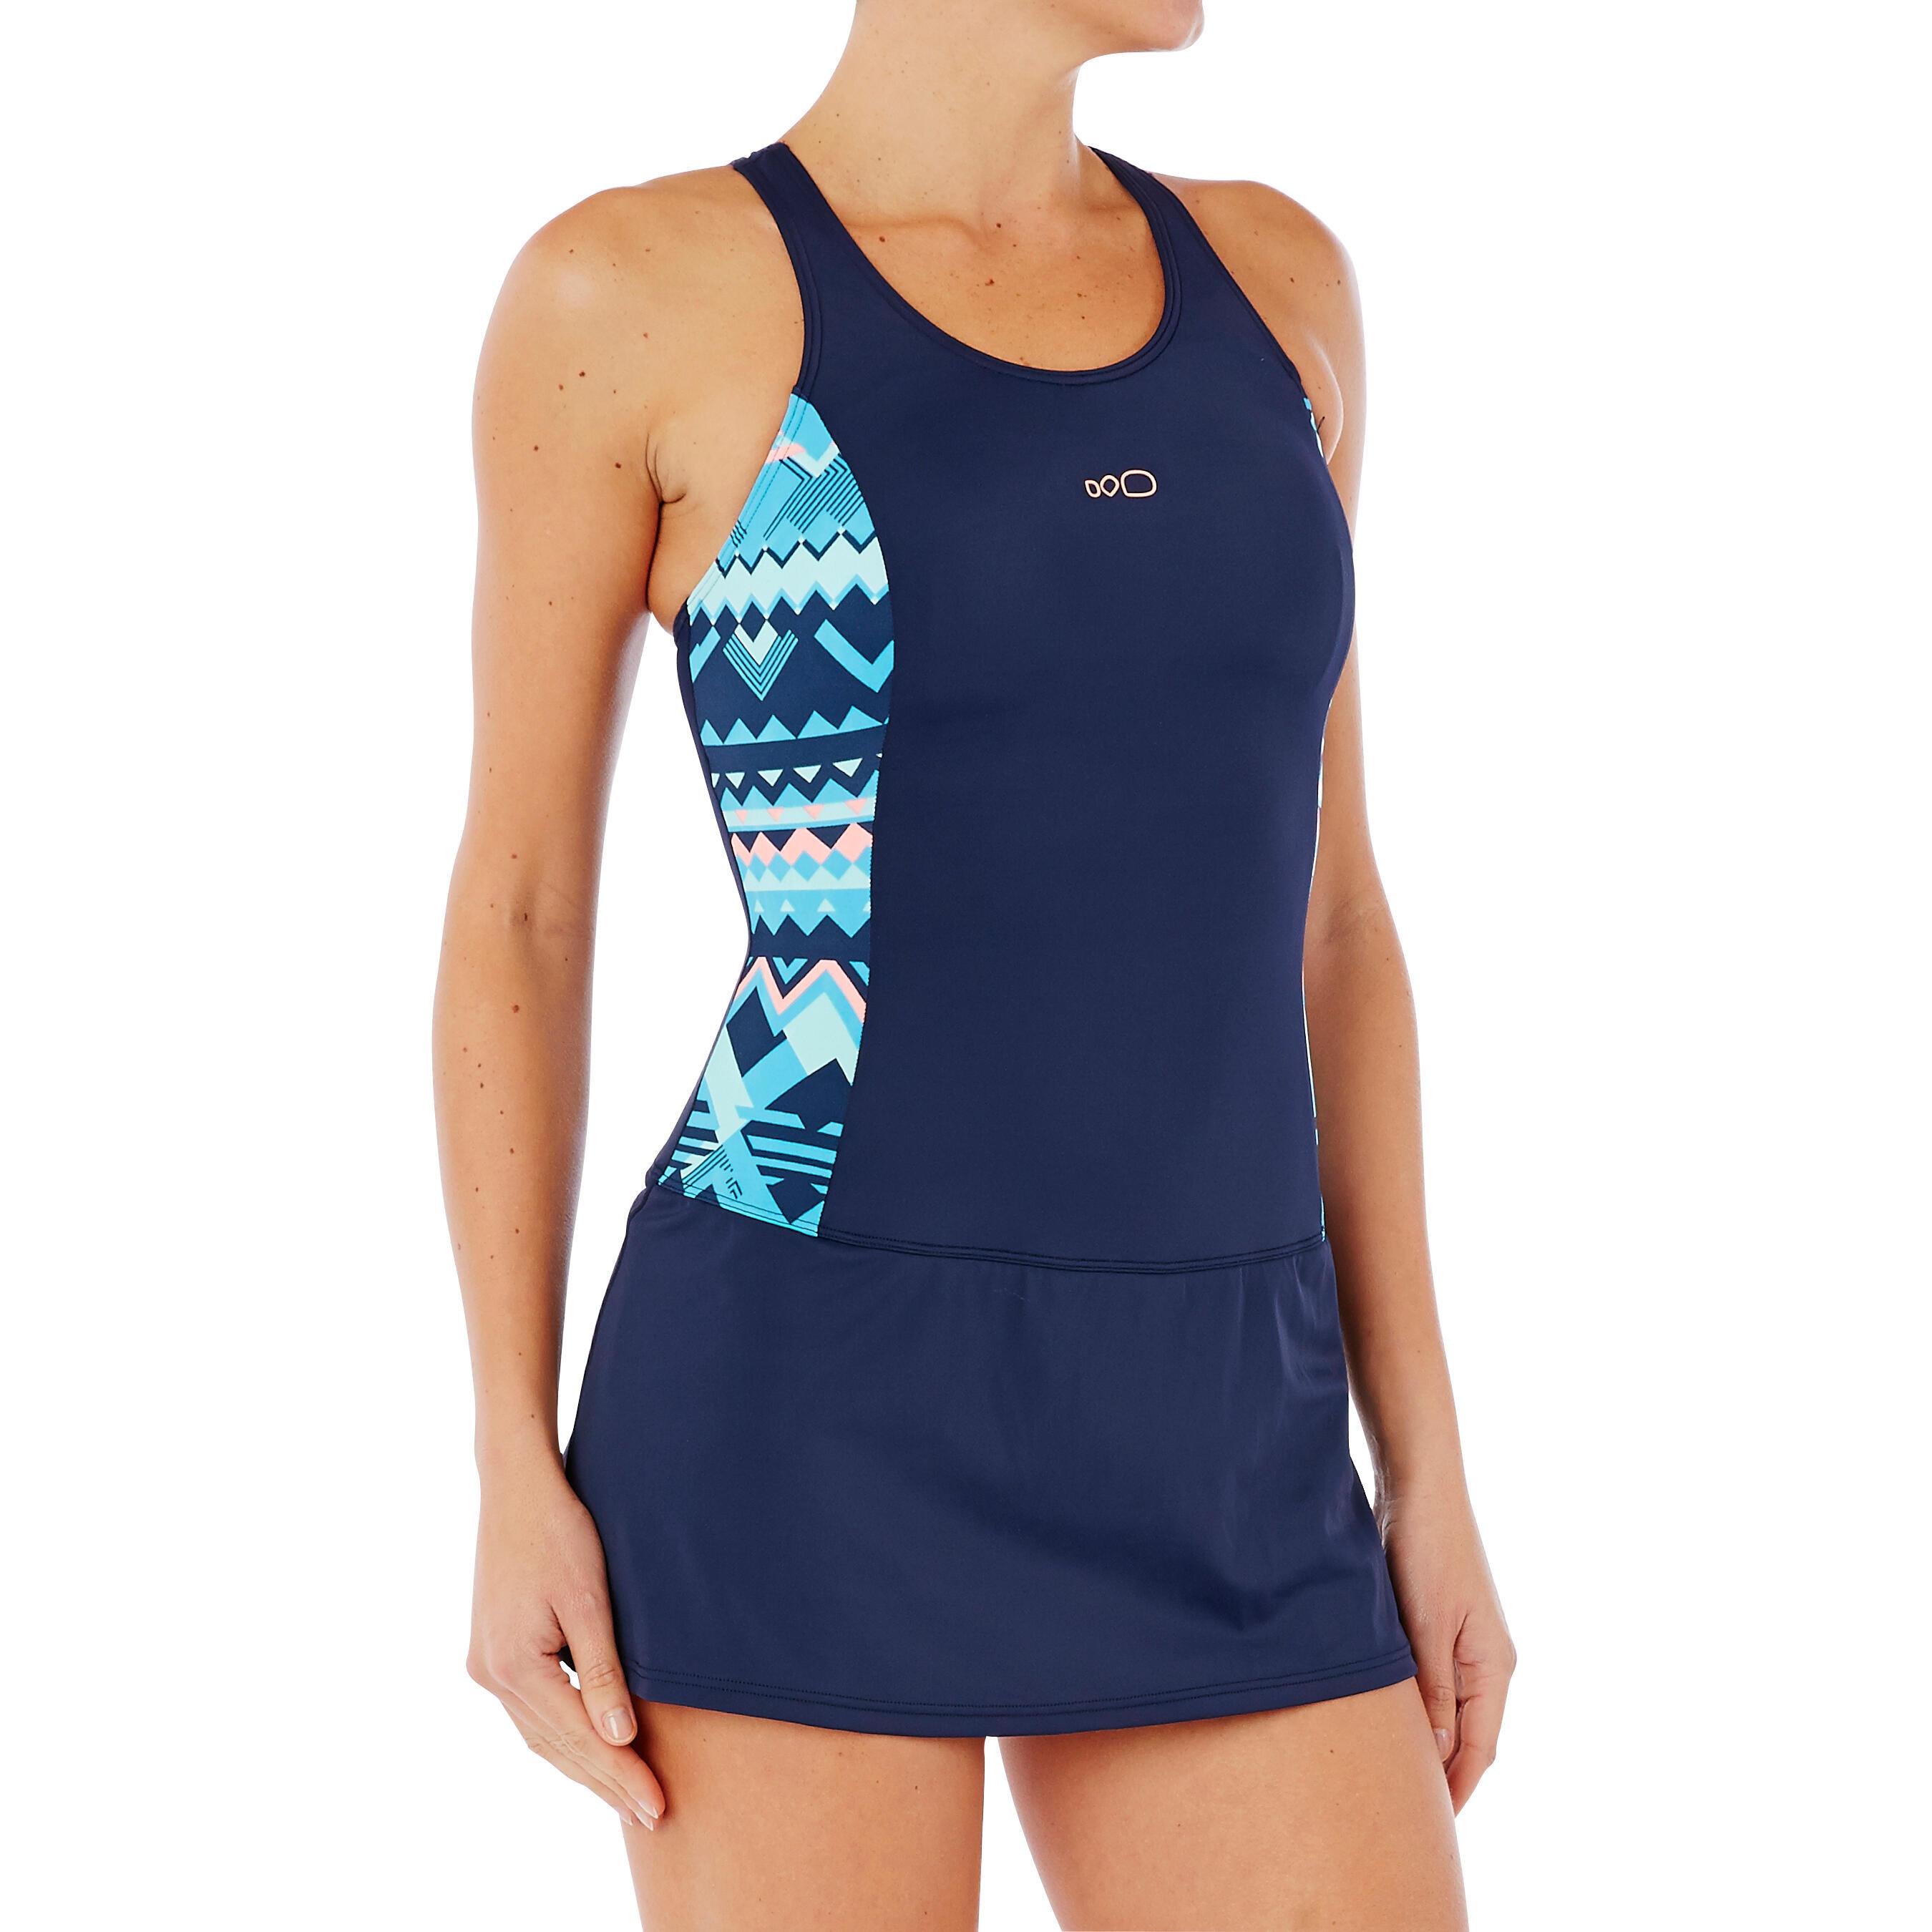 Maillot de bain de natation femme une pièce Vega jupe Kal bleu